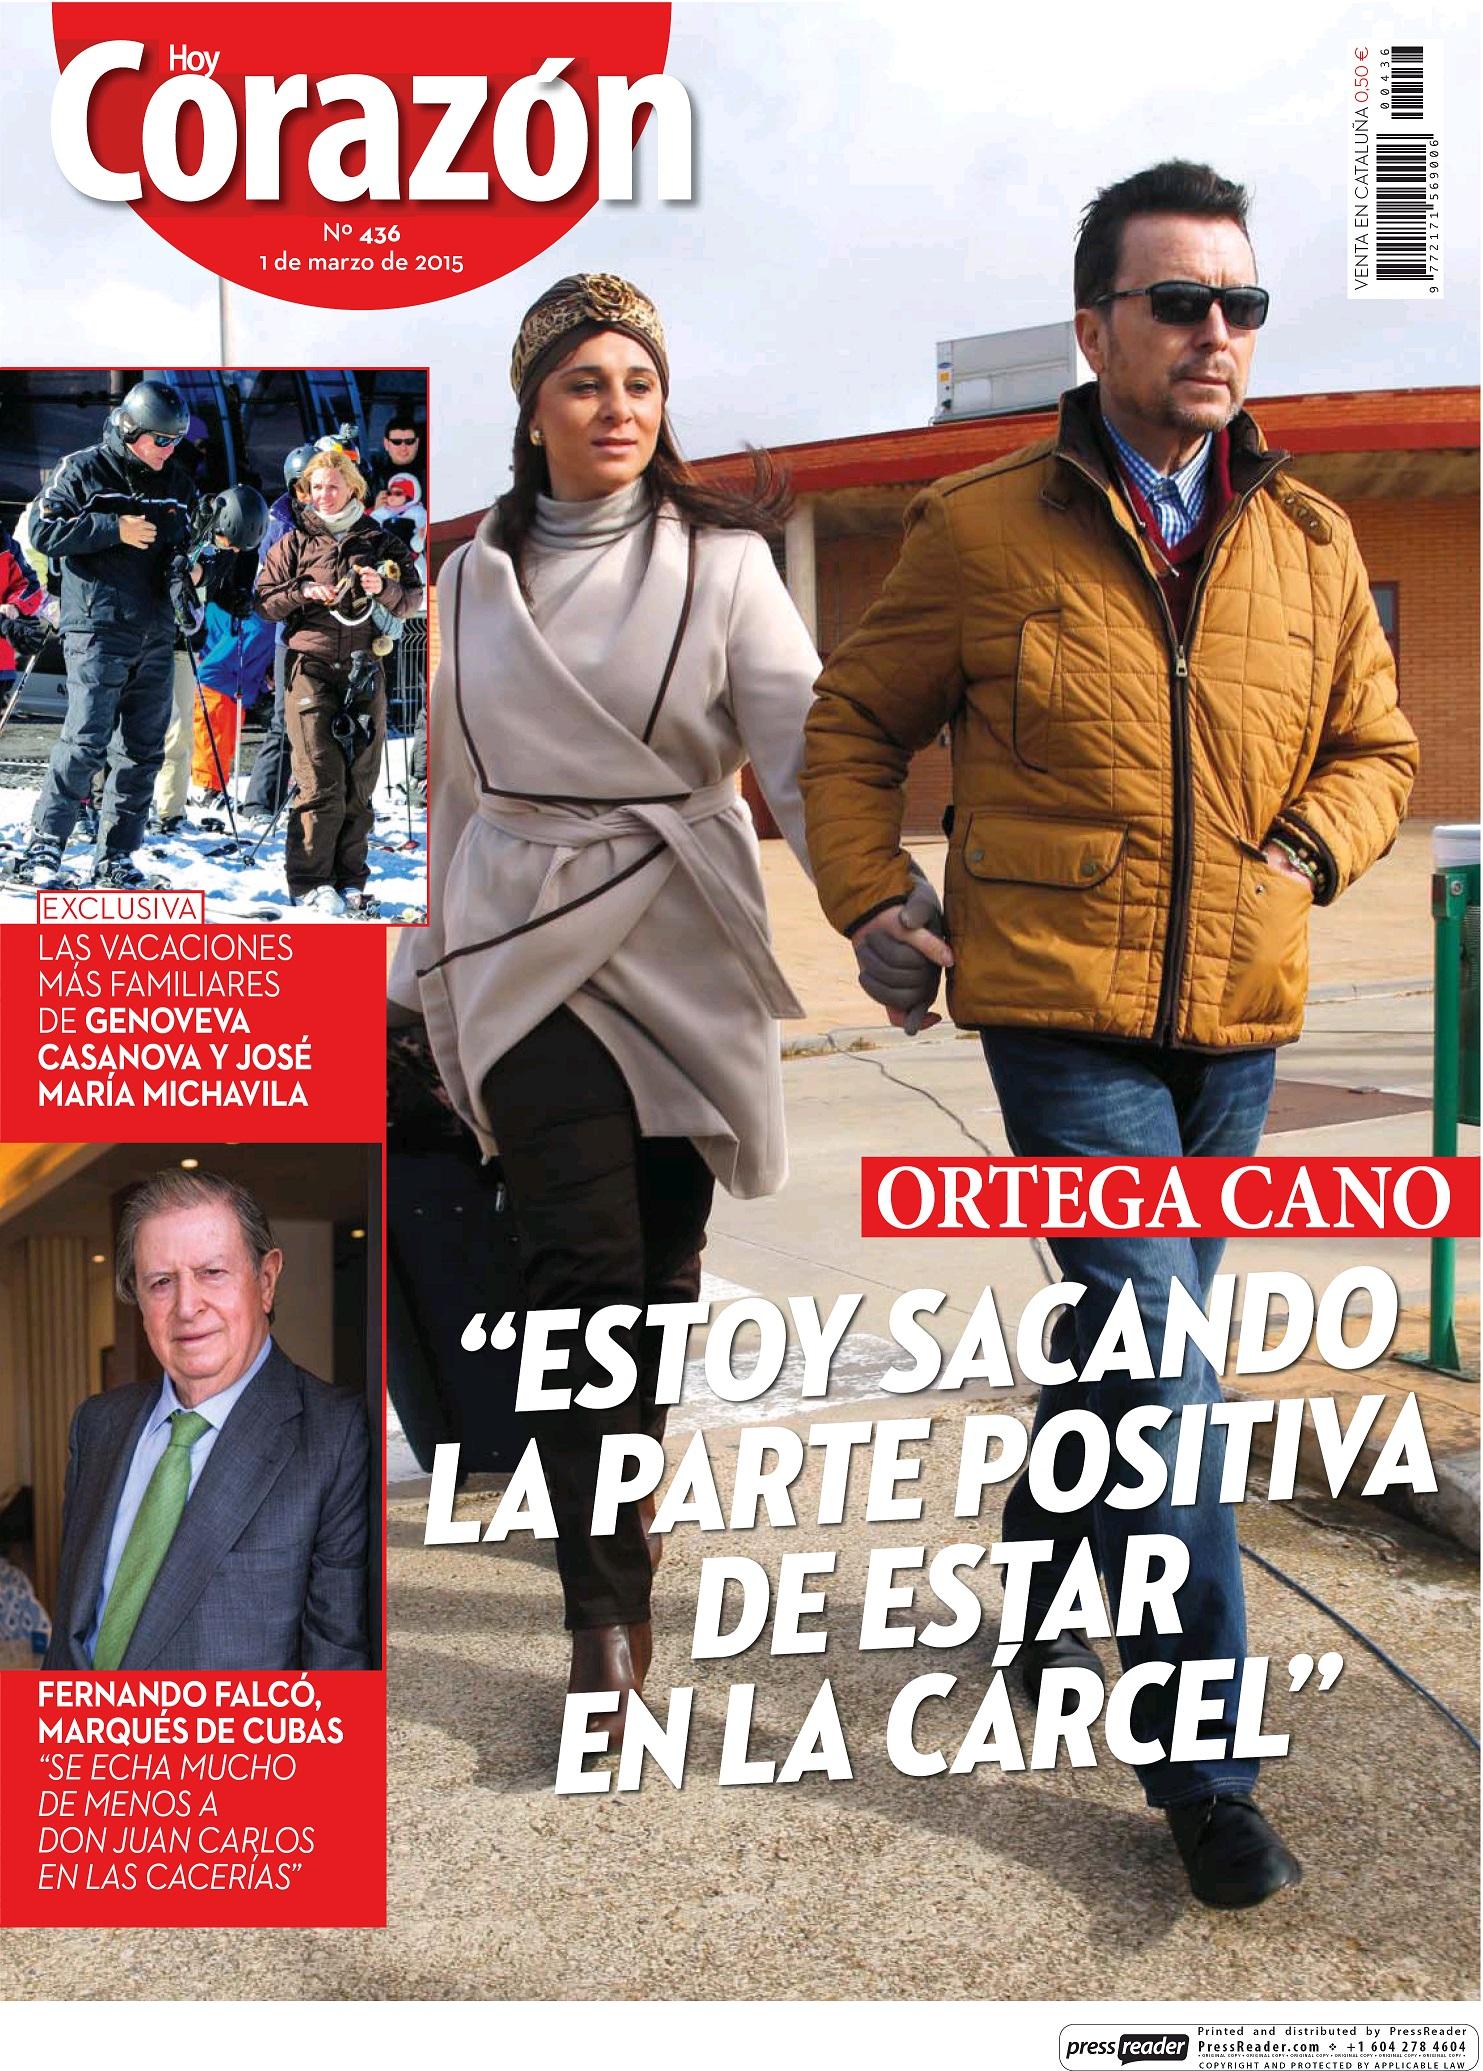 HOY CORAZON portada 1 de Marzo 2015